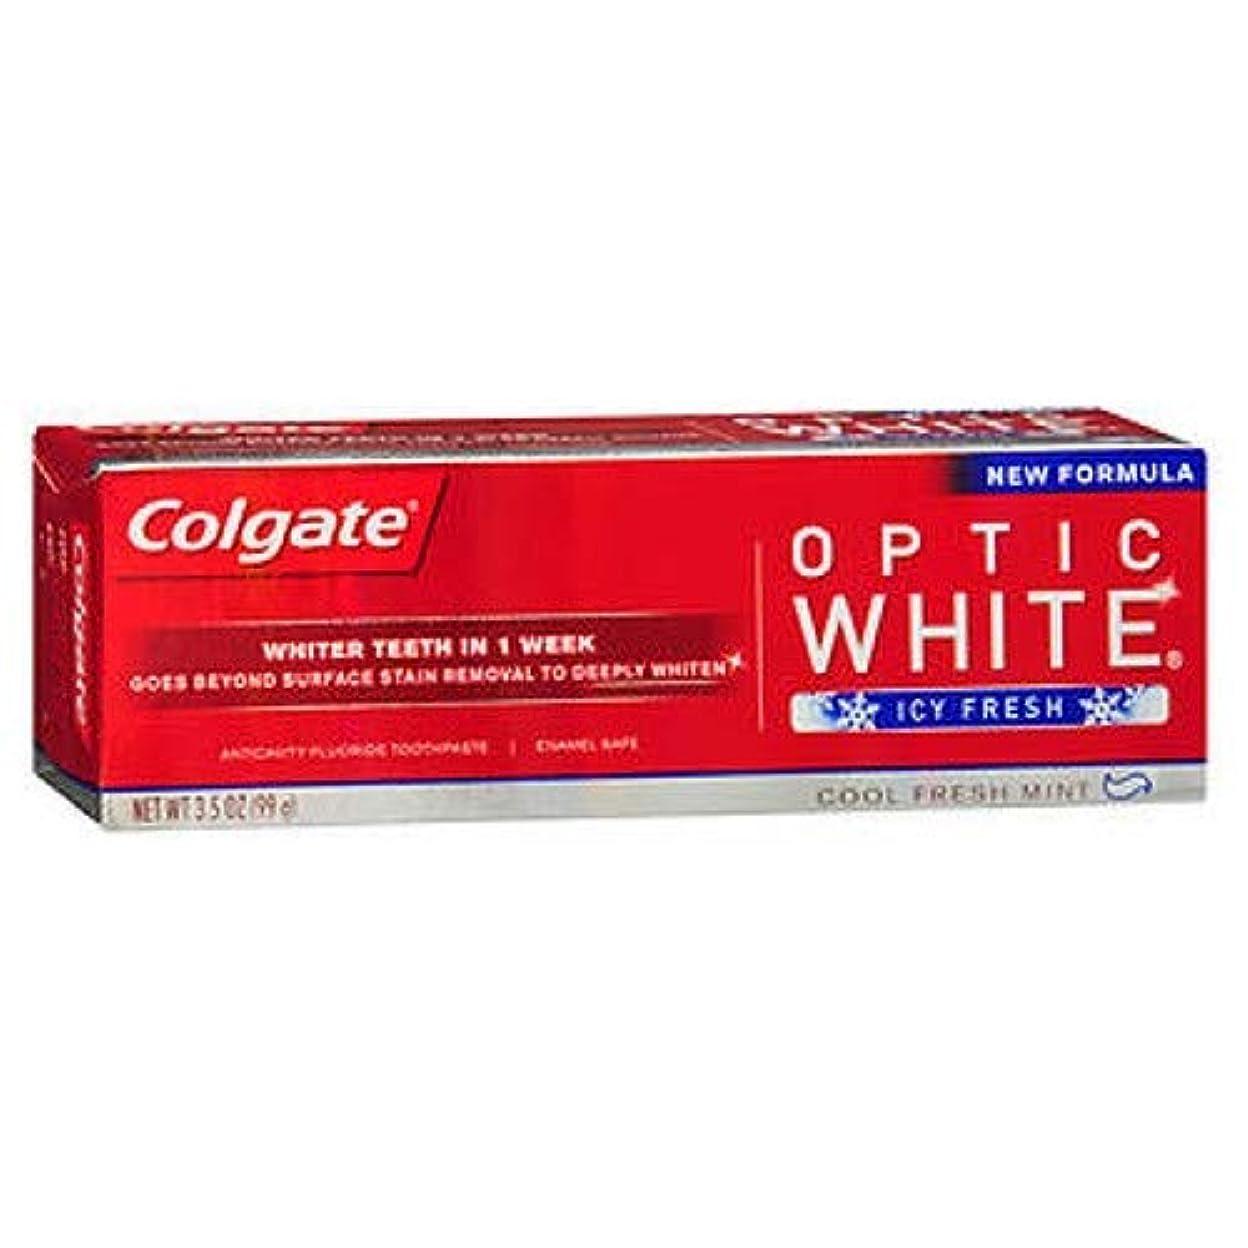 ポスターお賞Colgate Optic White コルゲート Icy Fresh アドバンス ホワイトニング 99g